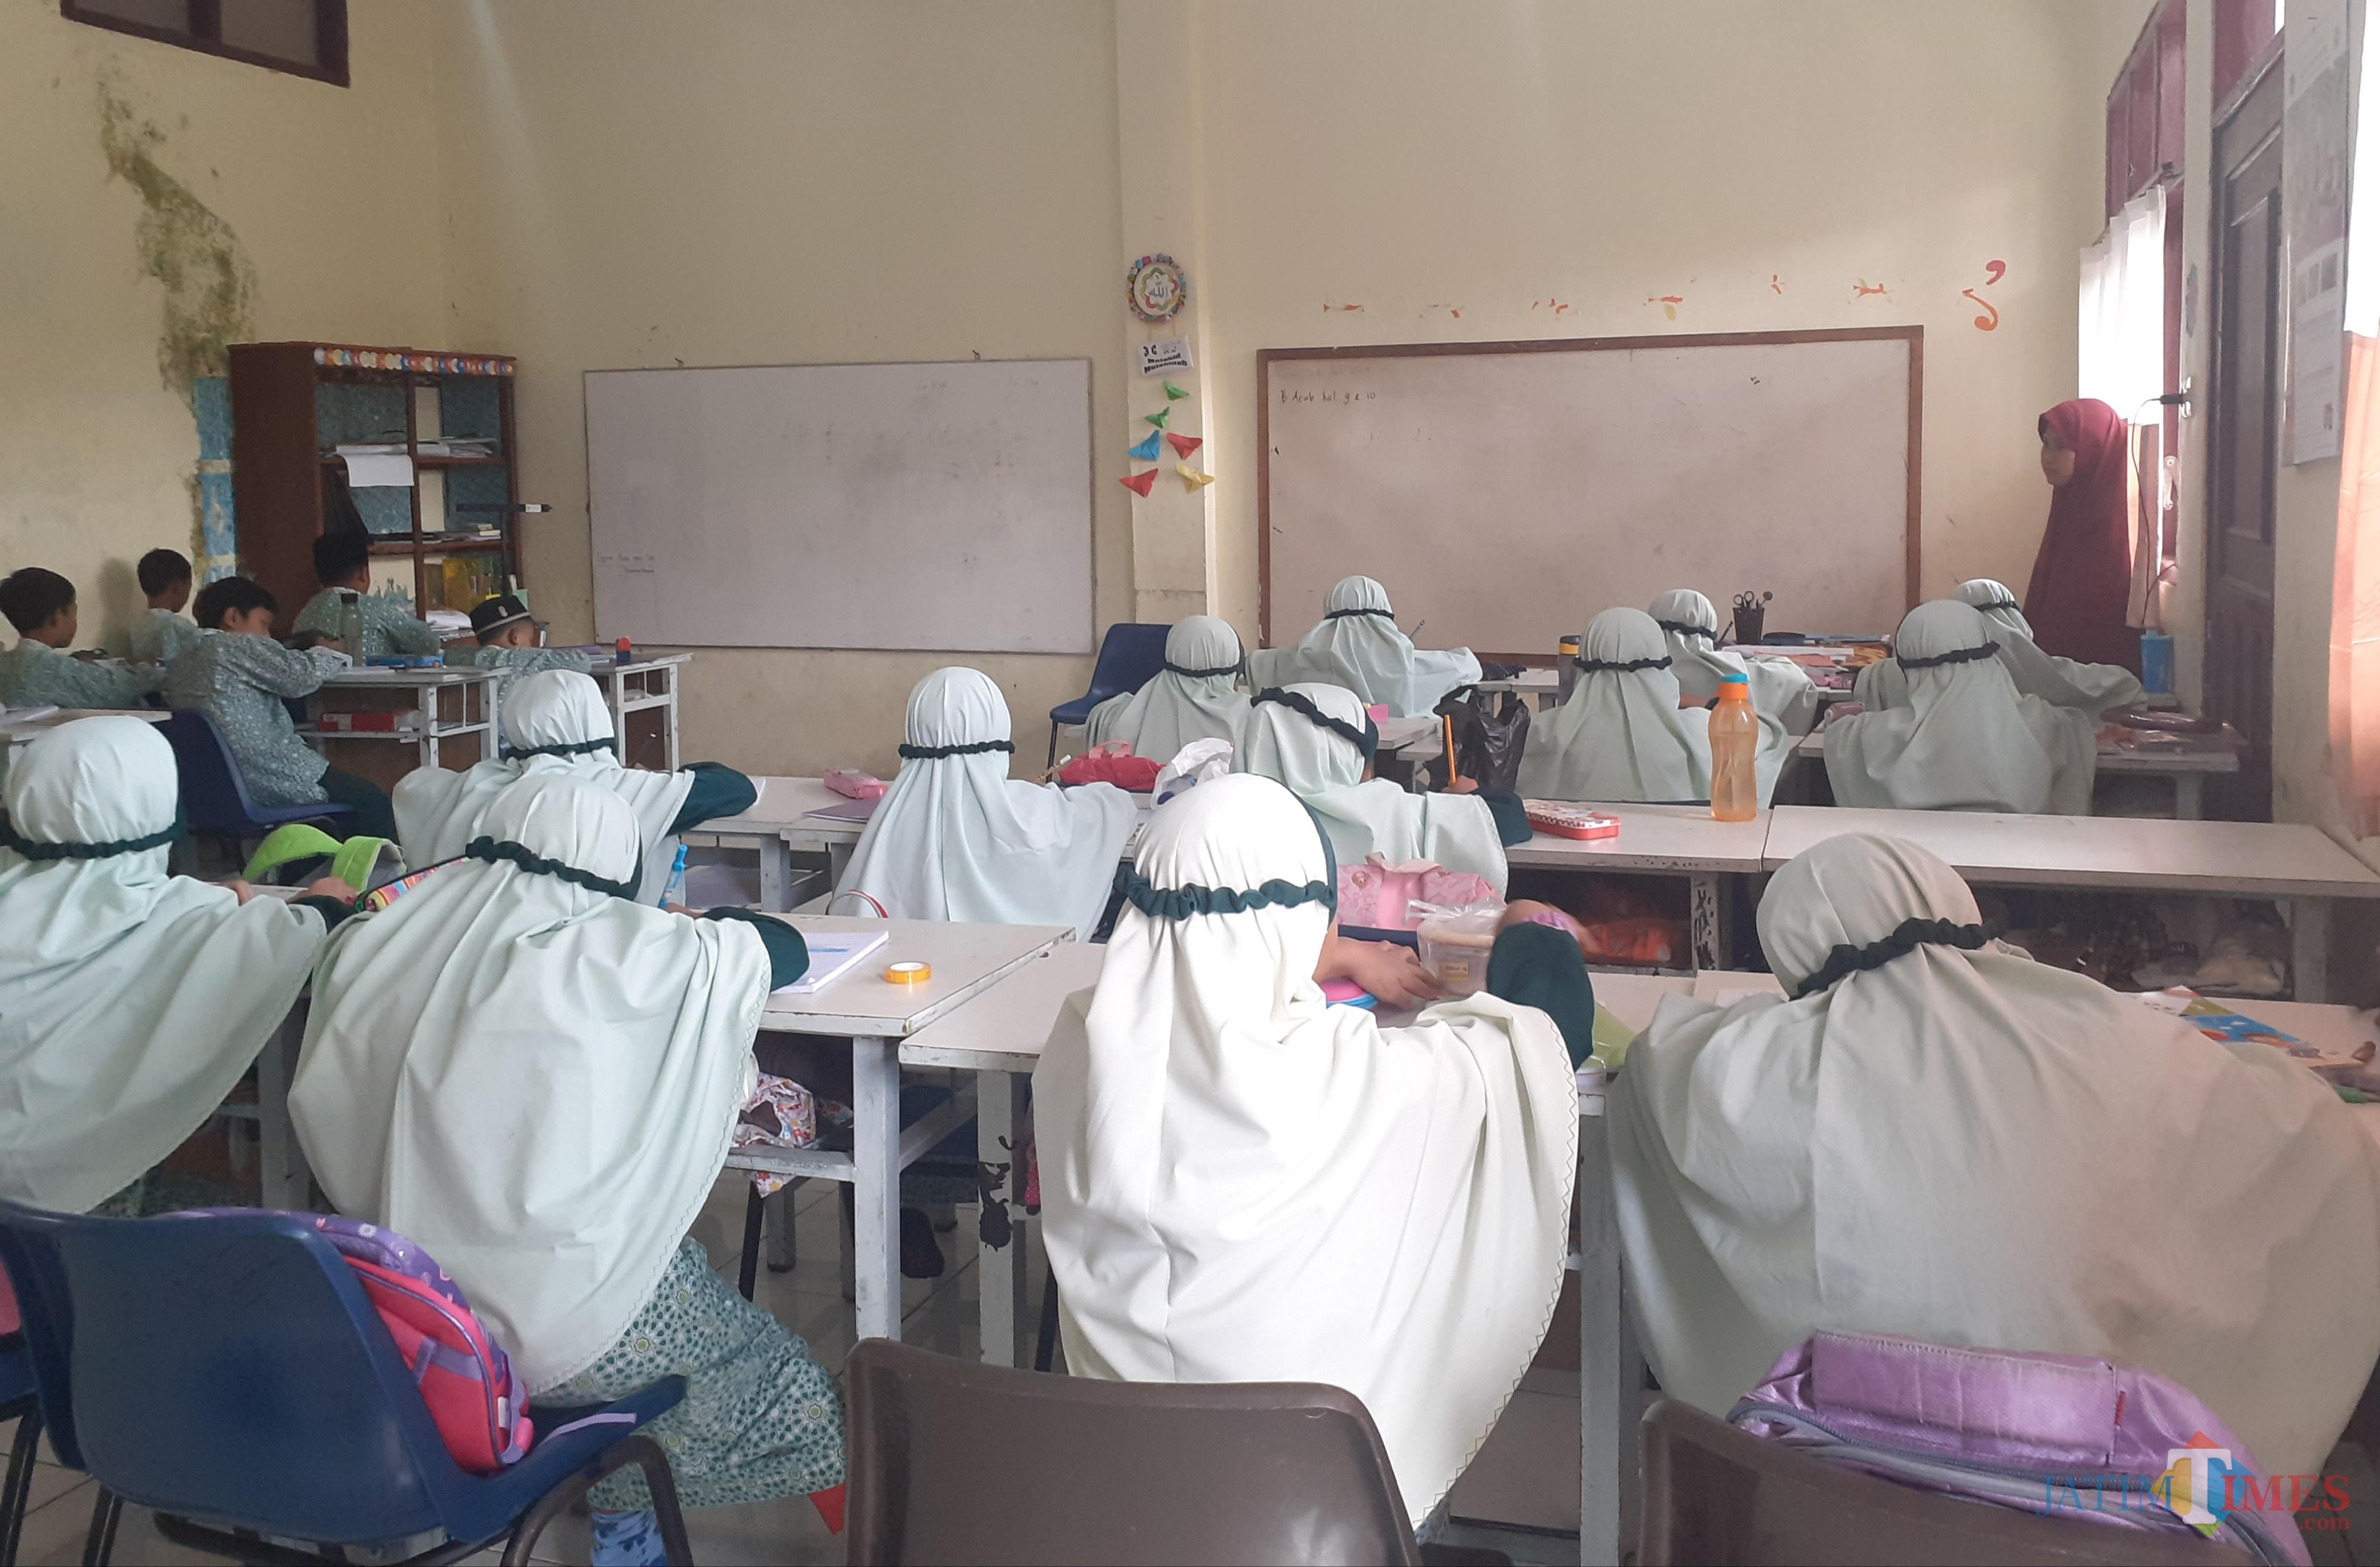 Suasana salah satu kelas di sekolah korban kebakaran di SD Alam Ar-Rohmah hari ini (Rabu, 24/7). (Arifina Cahyanti Firdausi/MalangTIMES)